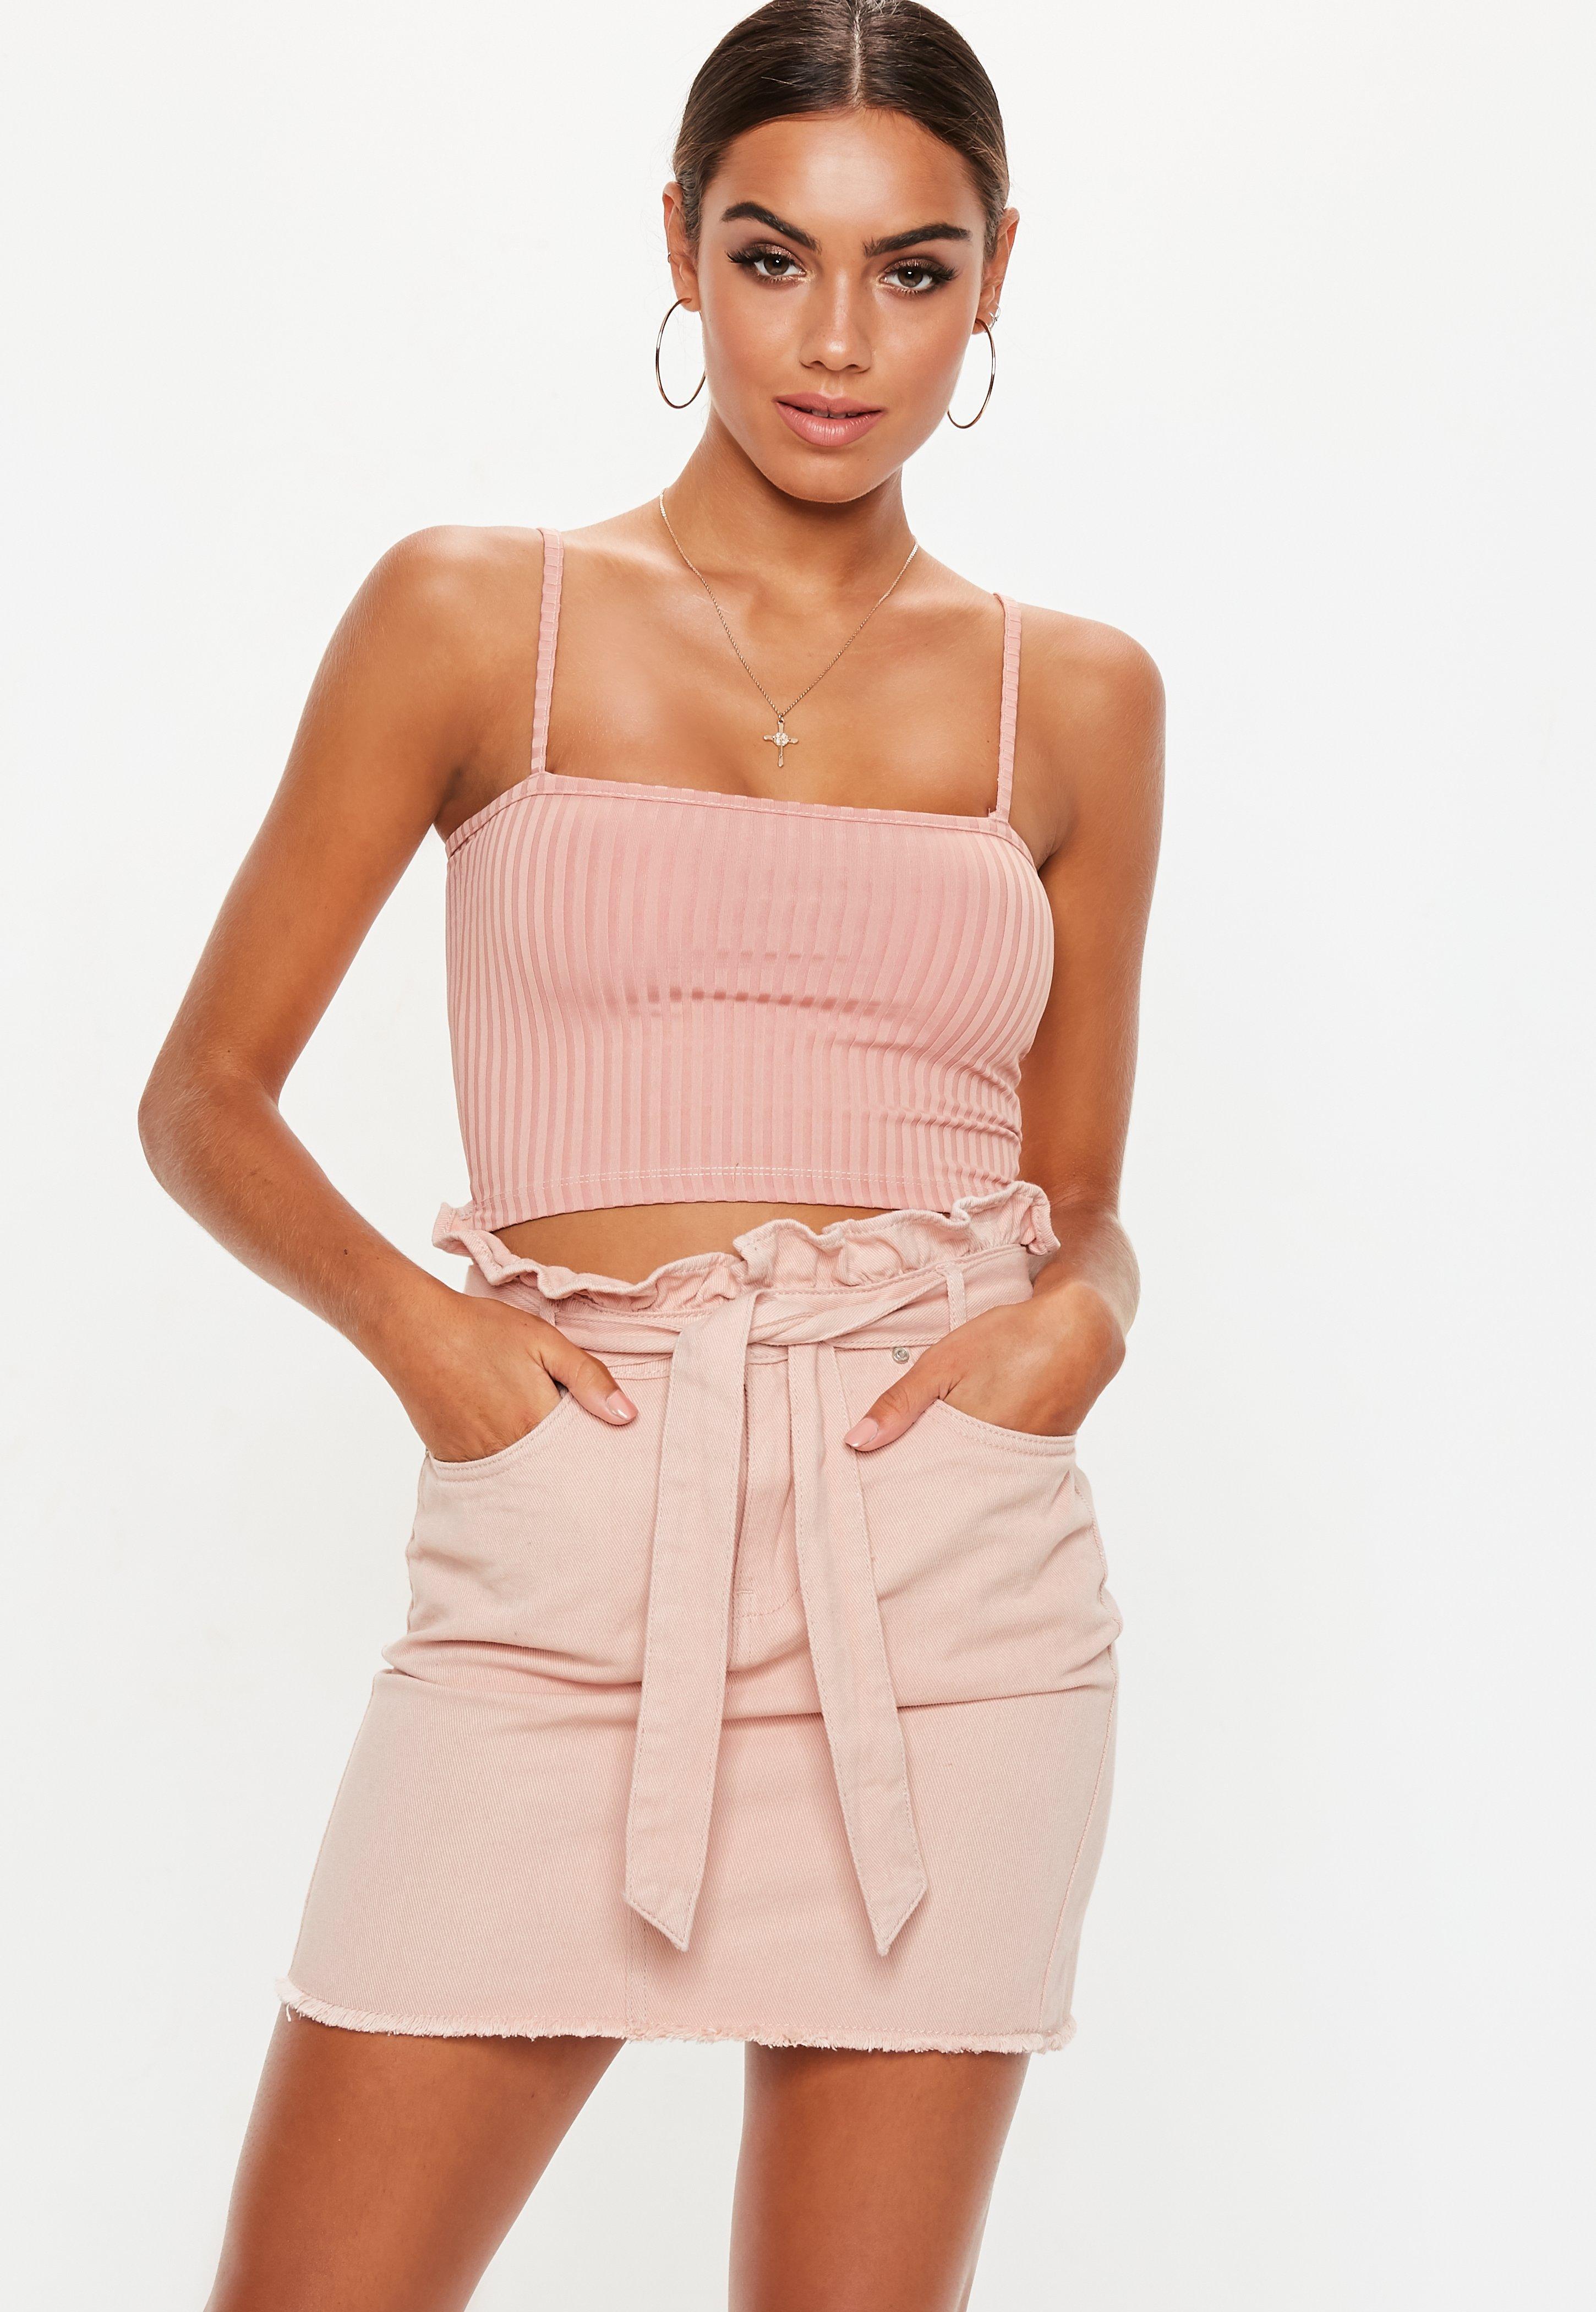 Faldas | Comprar faldas de mujer online - Missguided